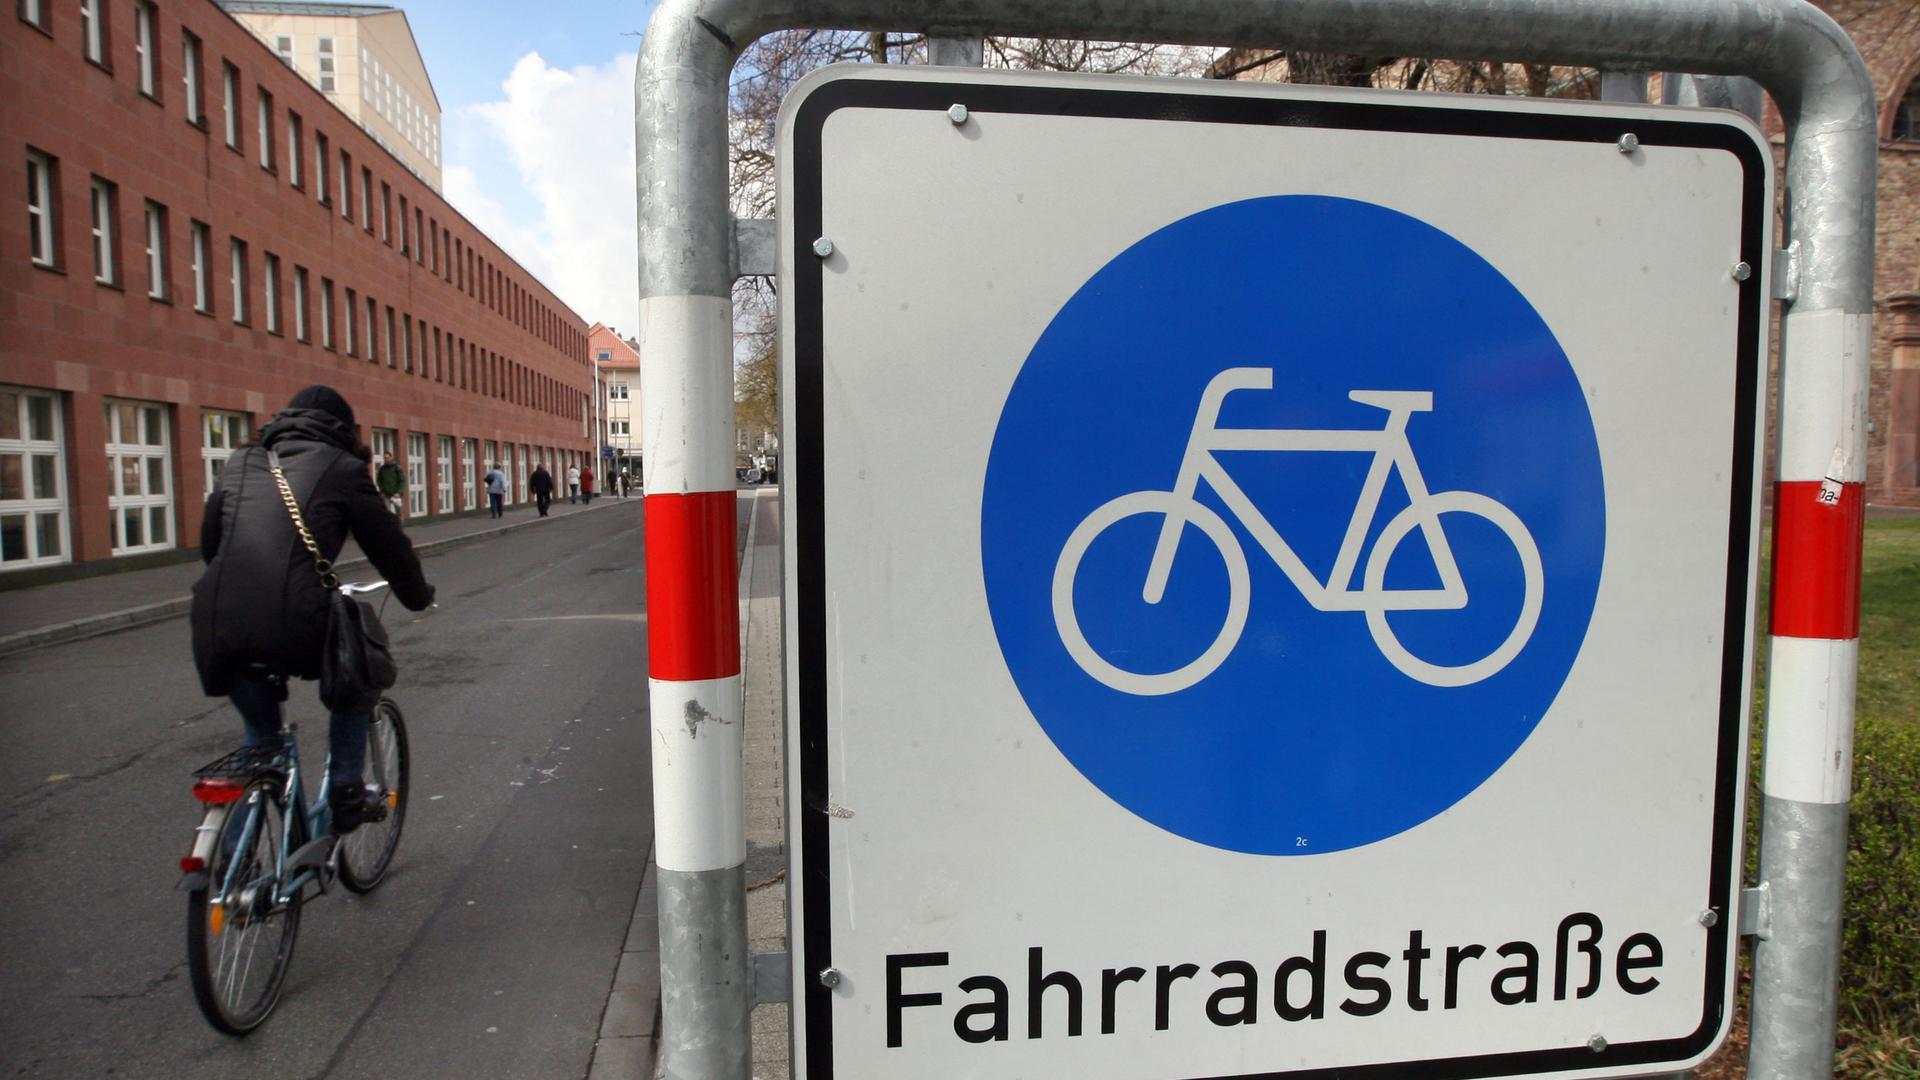 """ARCHIV - Ein Radfahrer fährt in der Innenstadt von Karlsruhe an einem Schild vorbei, das auf eine Fahrradstraße hinweist (Archivfoto vom 25.03.2008). Der Allgemeine Deutsche Fahrradclub (ADFC) sieht gute Zeiten für einen zunehmenden Umstieg auf zwei Räder. Foto: Uli Deck dpa/lsw (zu lsw """"Radverband: Umsteigen aufs Rad wird attraktiver"""" vom 01.05.2011)  +++(c) dpa - Bildfunk+++"""